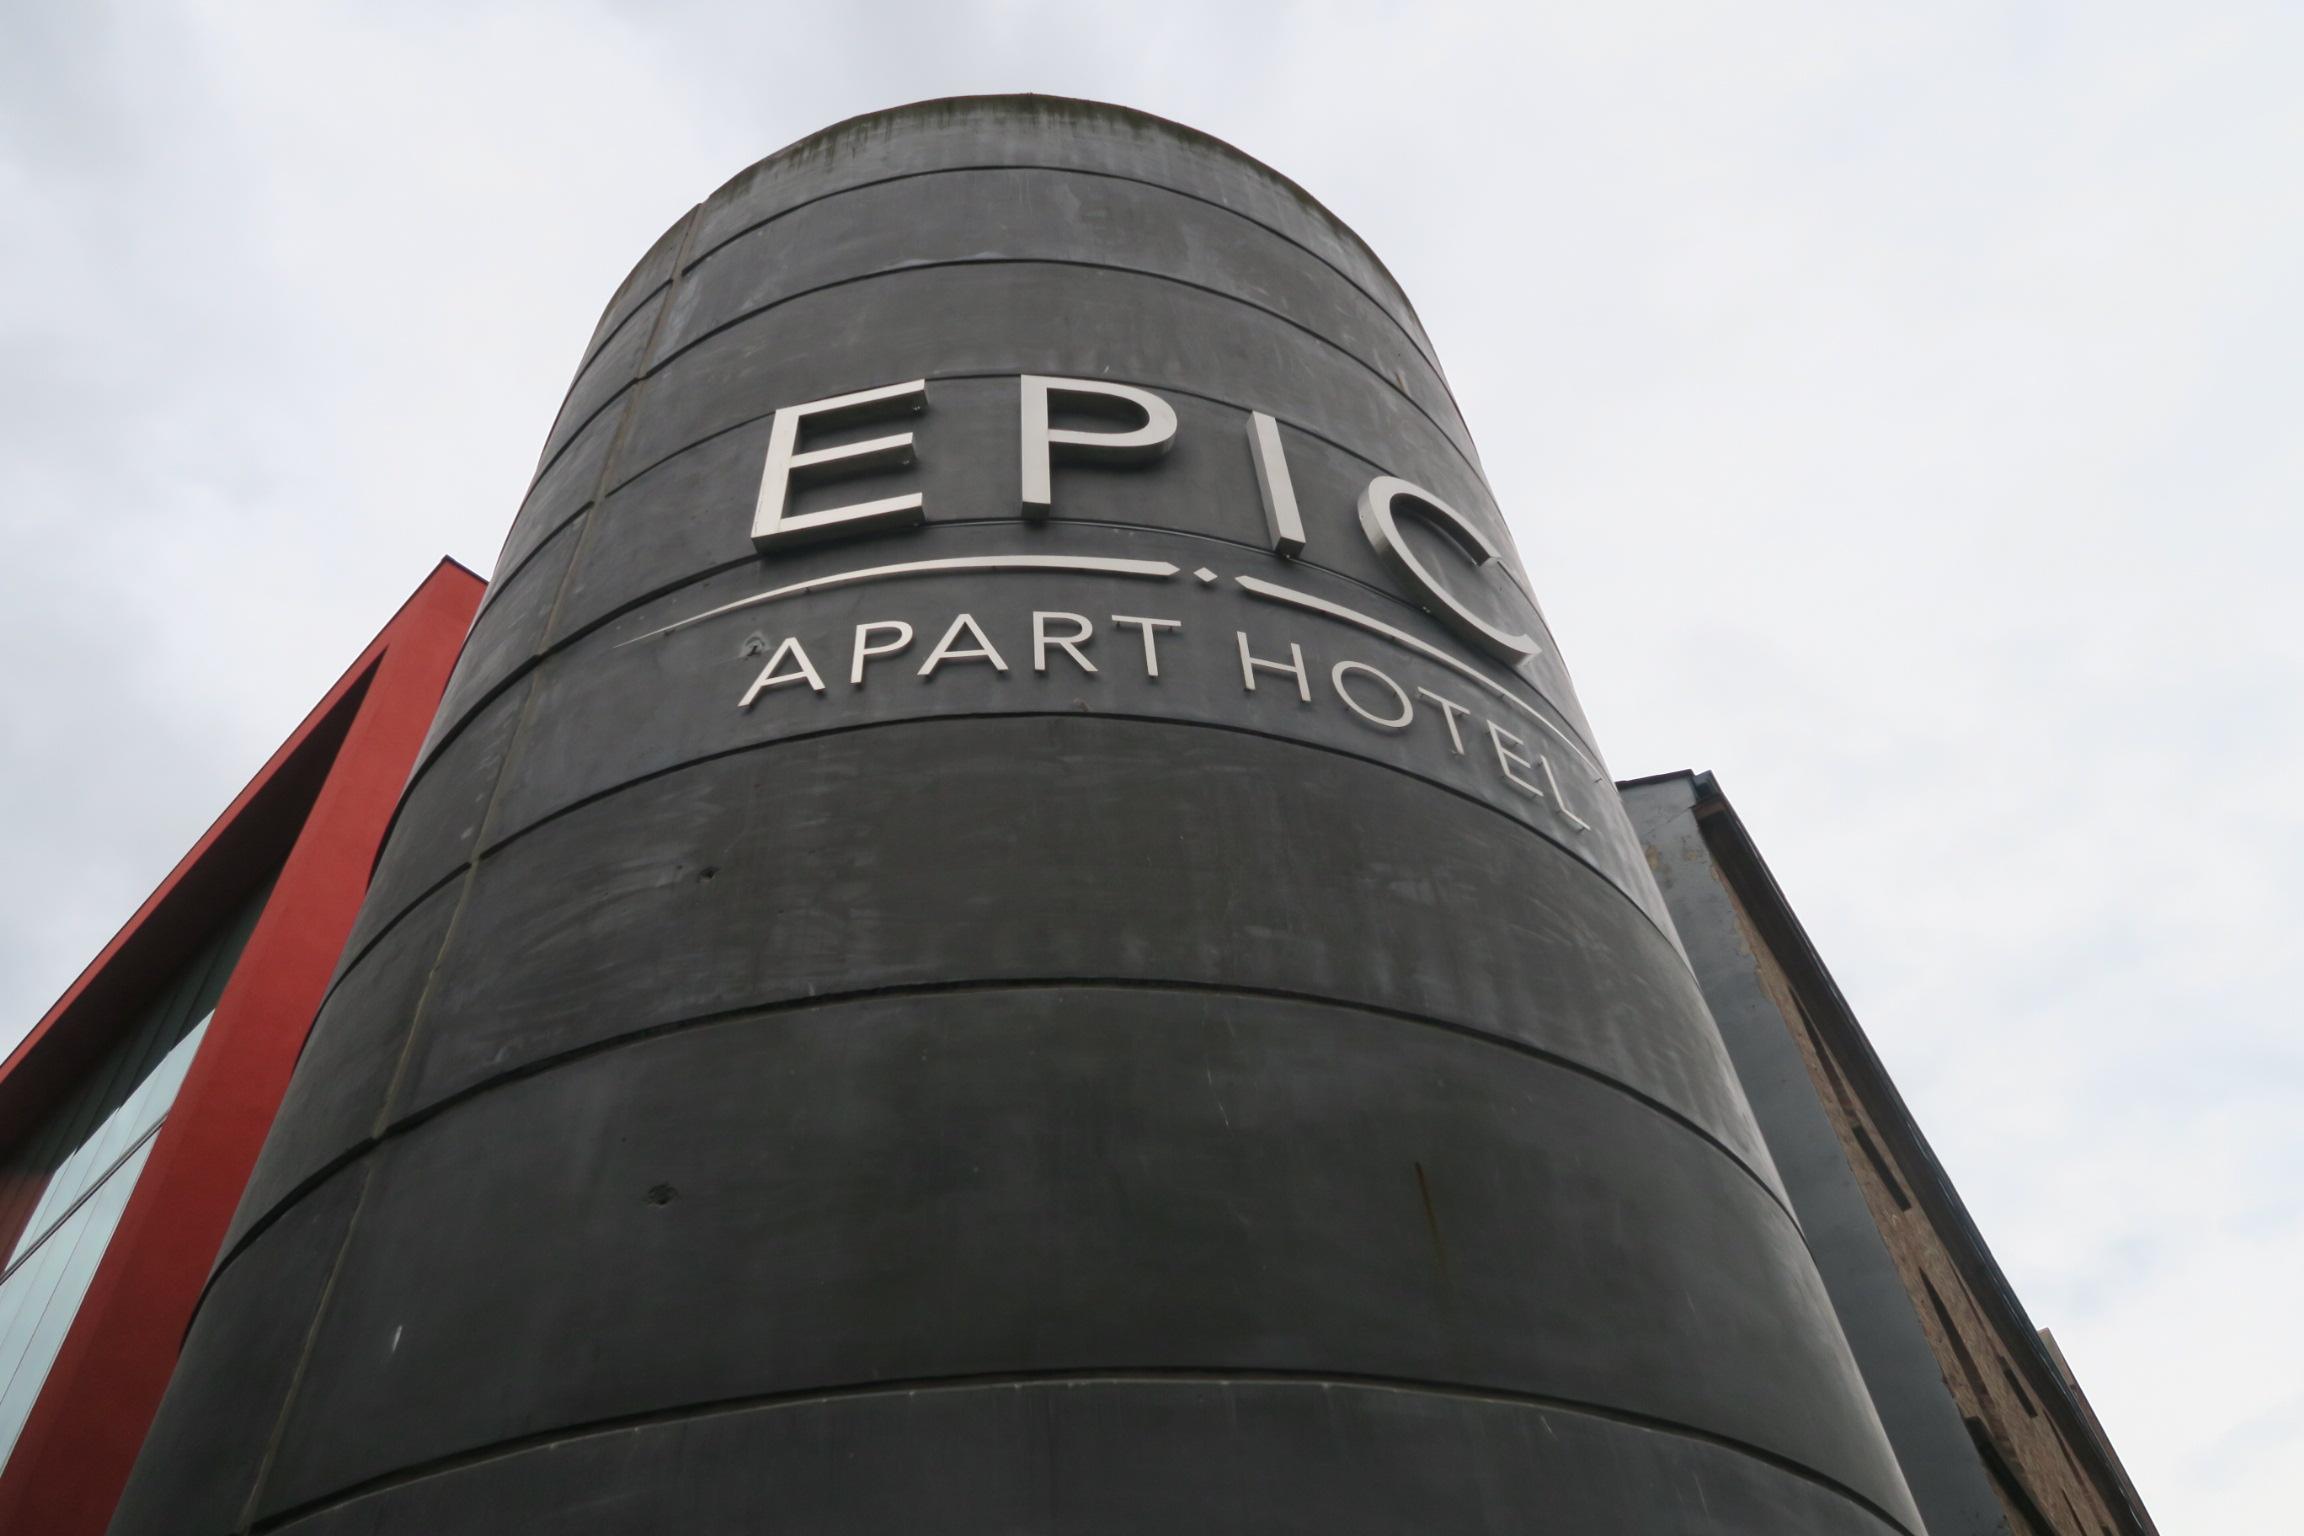 epic-aparthotel-seel-street-liverpool